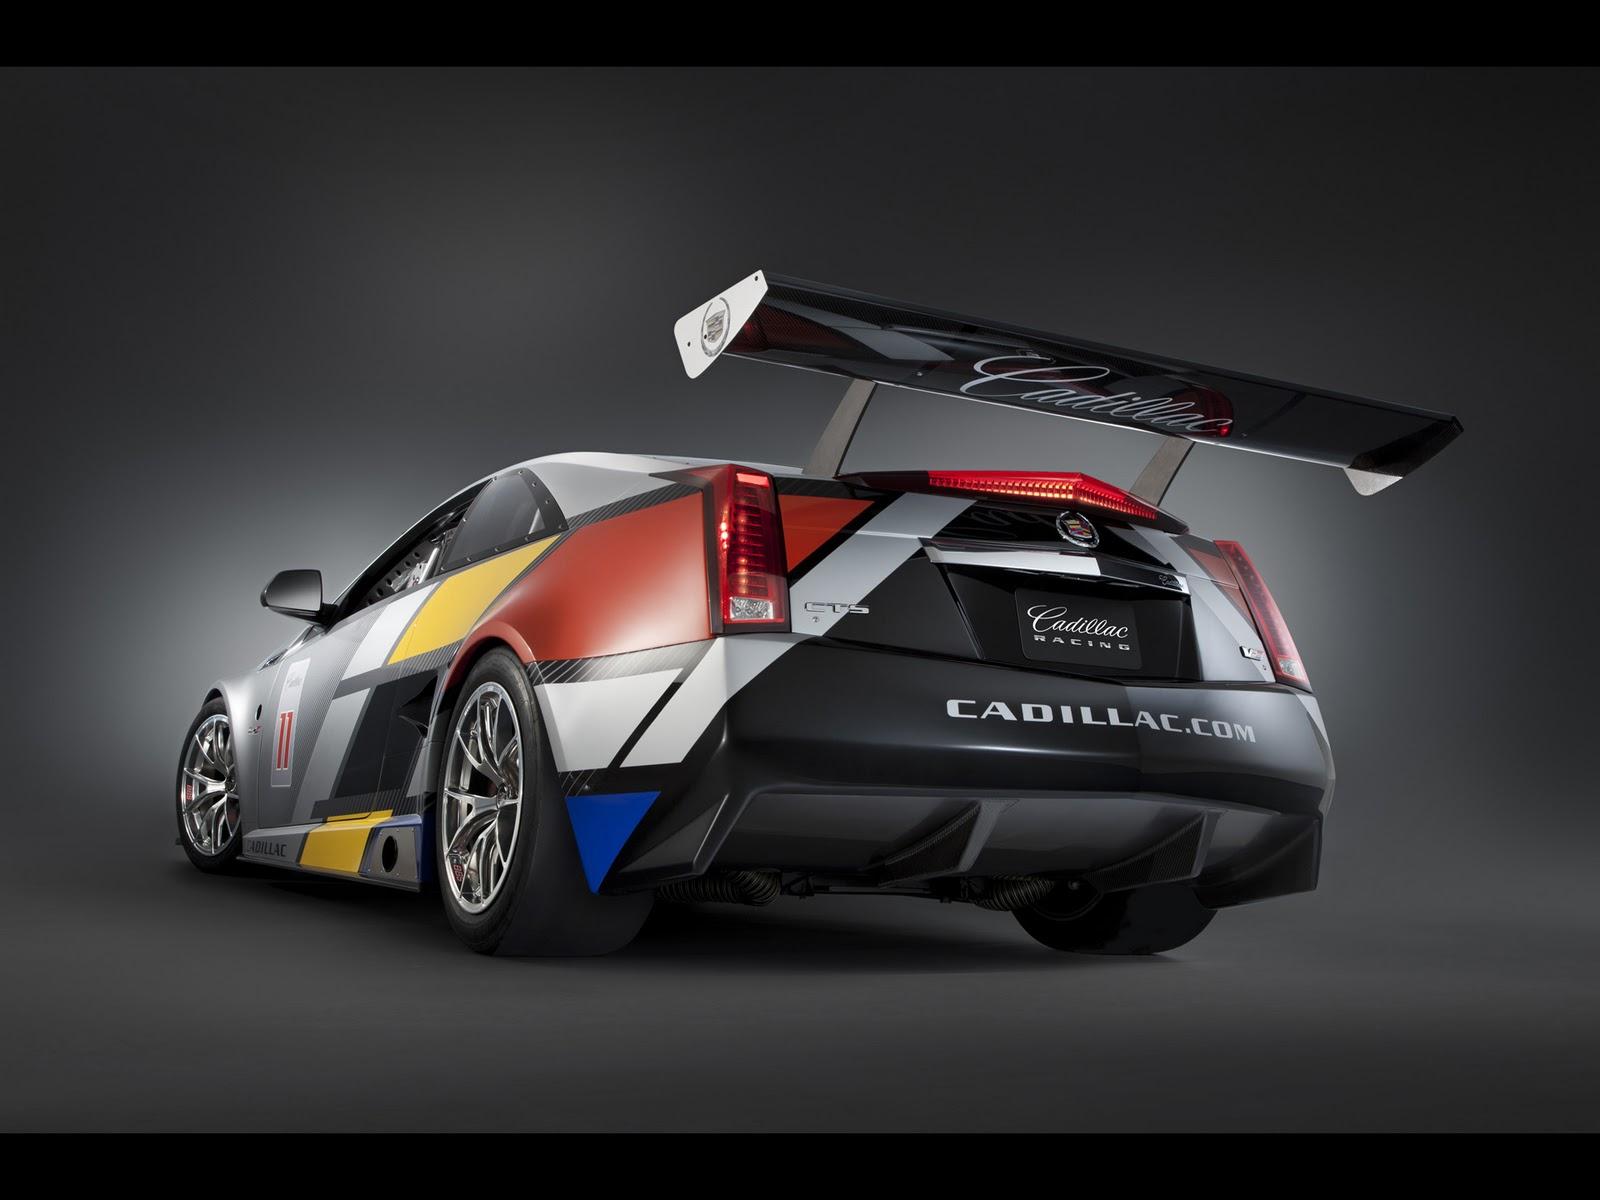 http://3.bp.blogspot.com/_viCh1SFyGrA/TUE1iwI6wqI/AAAAAAAAARs/GF91QuNQ6wA/s1600/2011-Cadillac-CTS-V-Coupe-Racecar-Rear-Angle-1920x1440.jpg